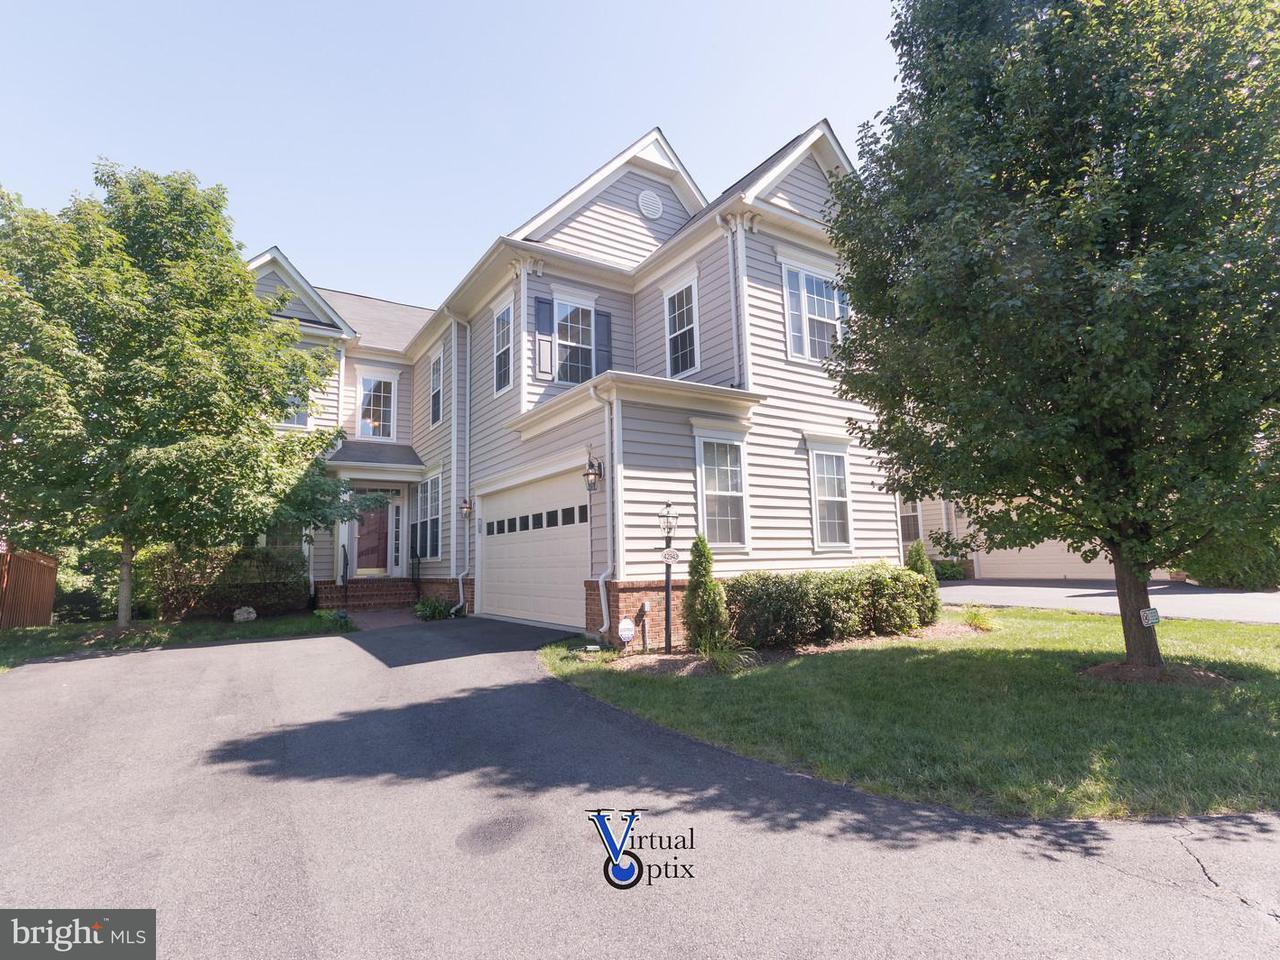 Casa Unifamiliar por un Venta en 42943 PARK BROOKE Court 42943 PARK BROOKE Court Broadlands, Virginia 20148 Estados Unidos